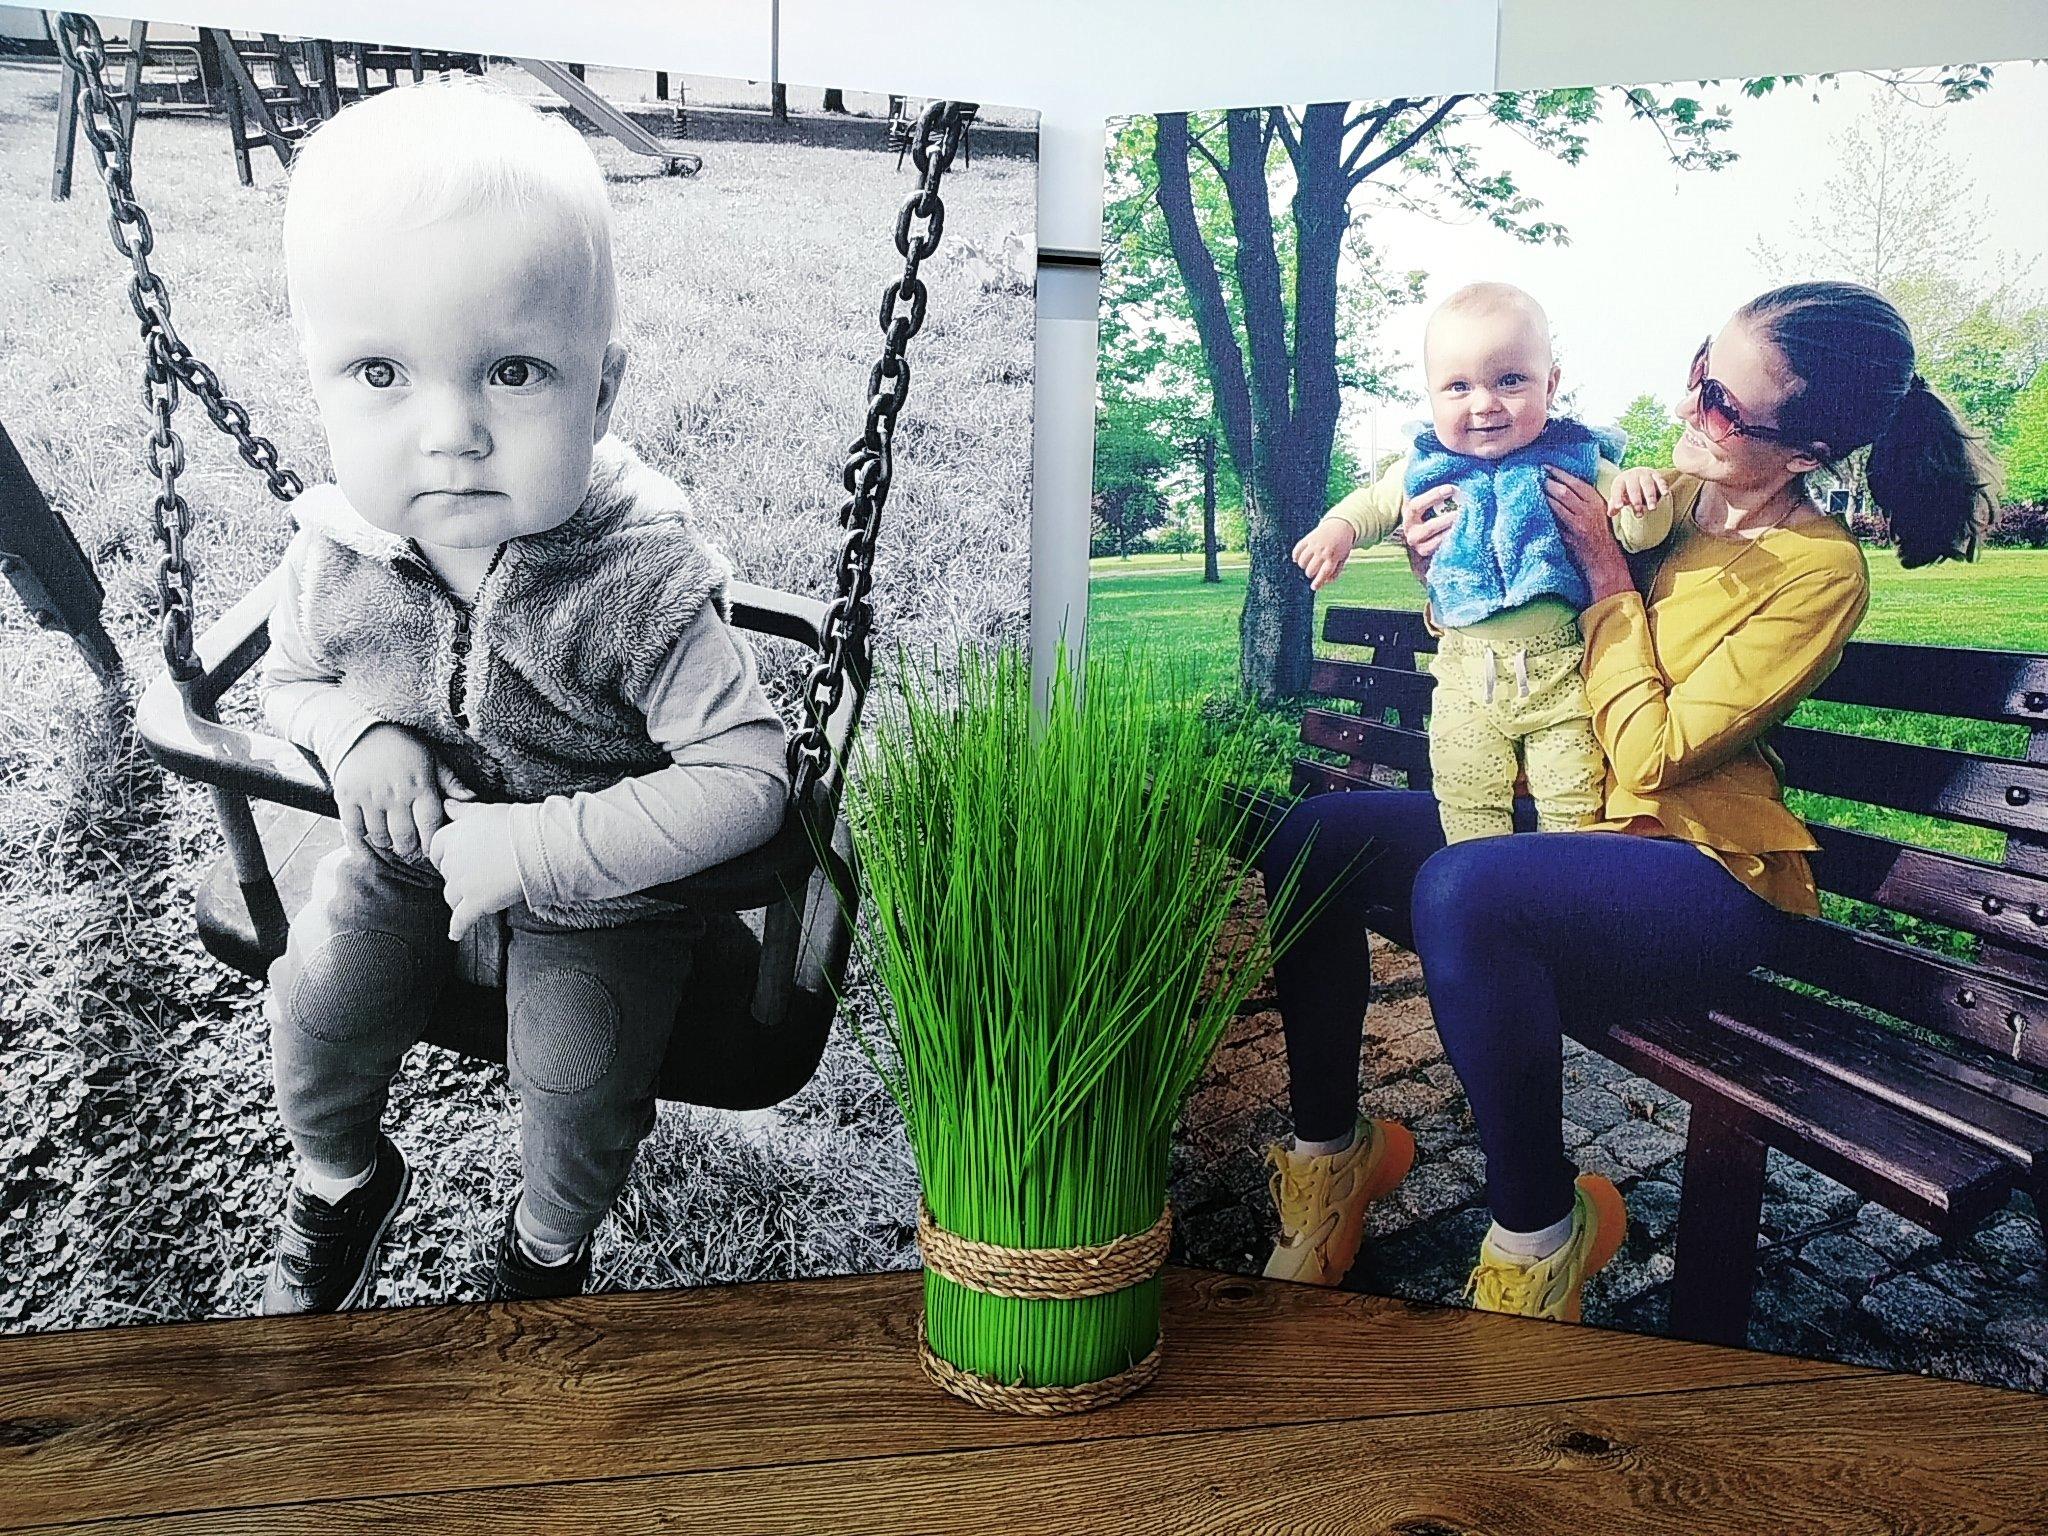 Fotoobraz ze sklepu www.bajeczneobrazy.pl - niezastąpiona pamiątka, którą udekorujesz swój dom.